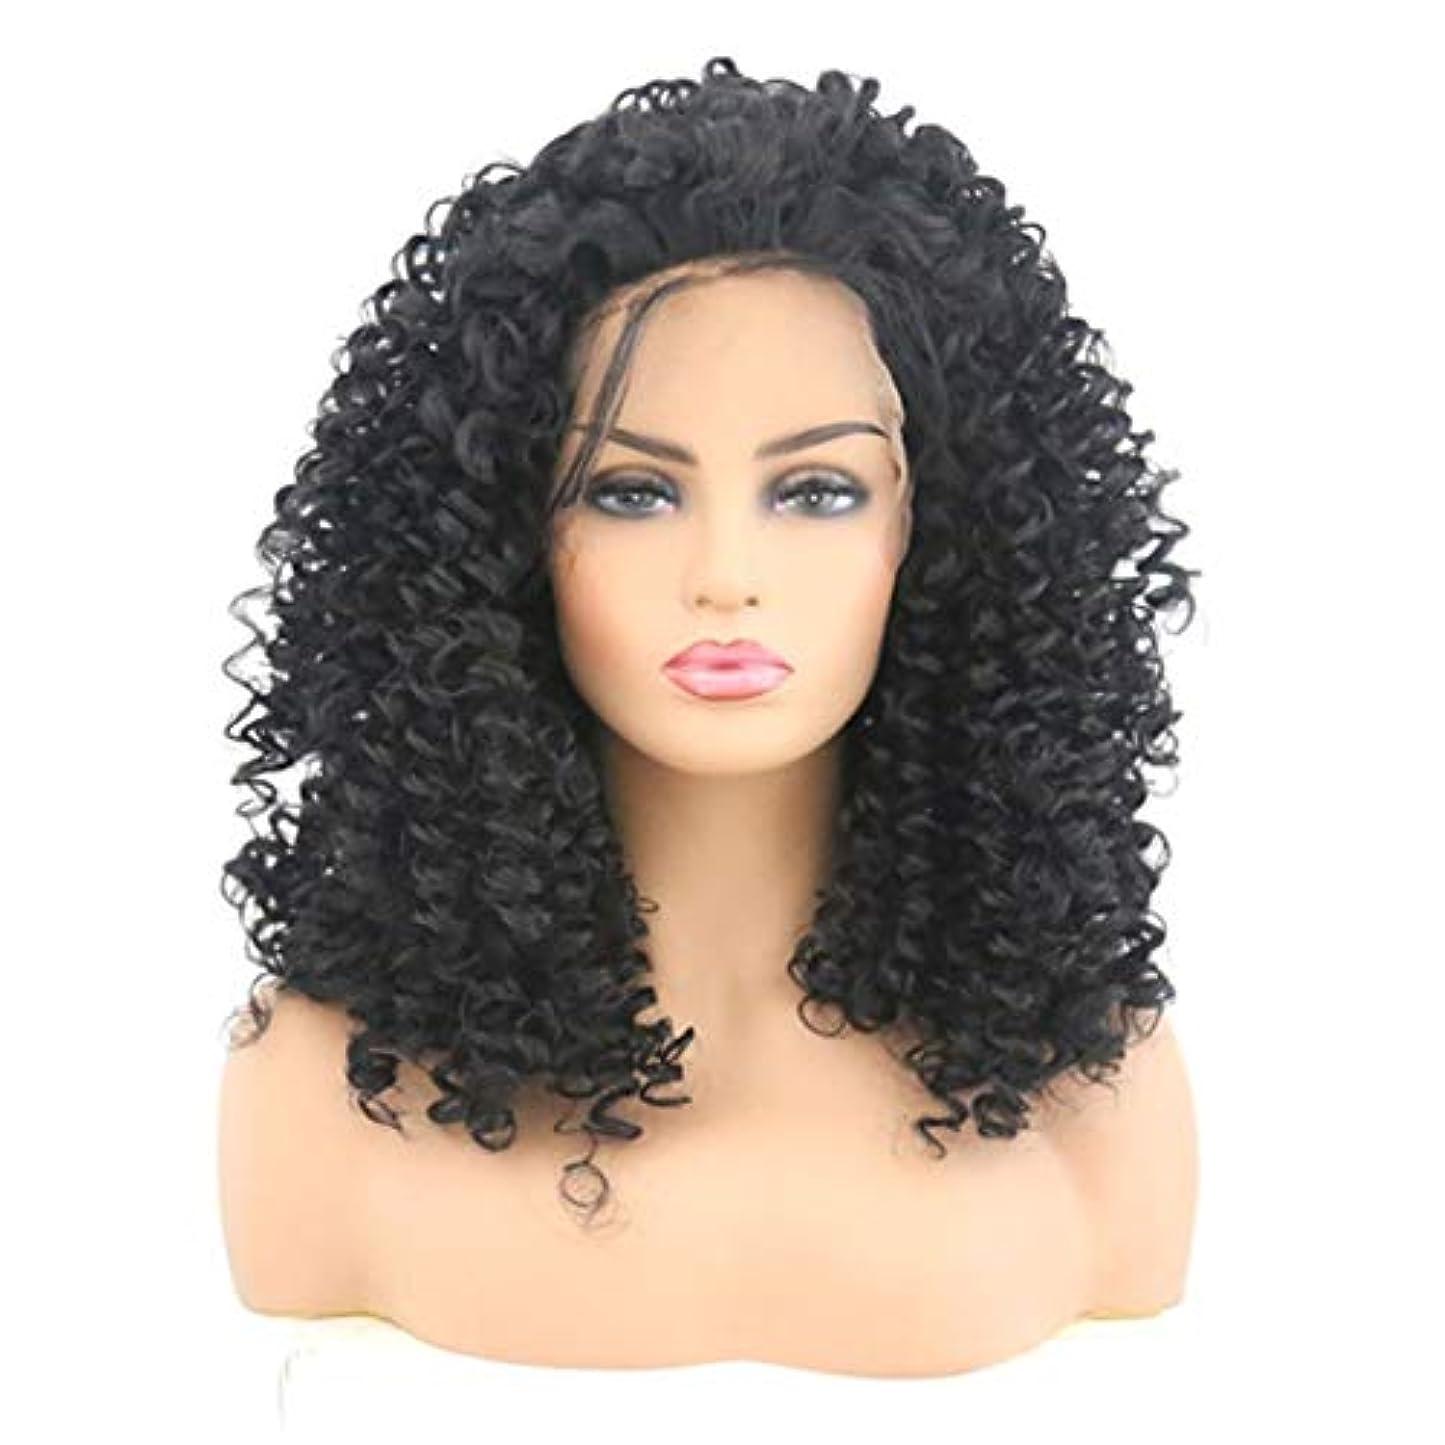 アパルボーダー安いですSummerys 女性のためのフロントレース黒かつら小体積波状の短い巻き毛のかつら